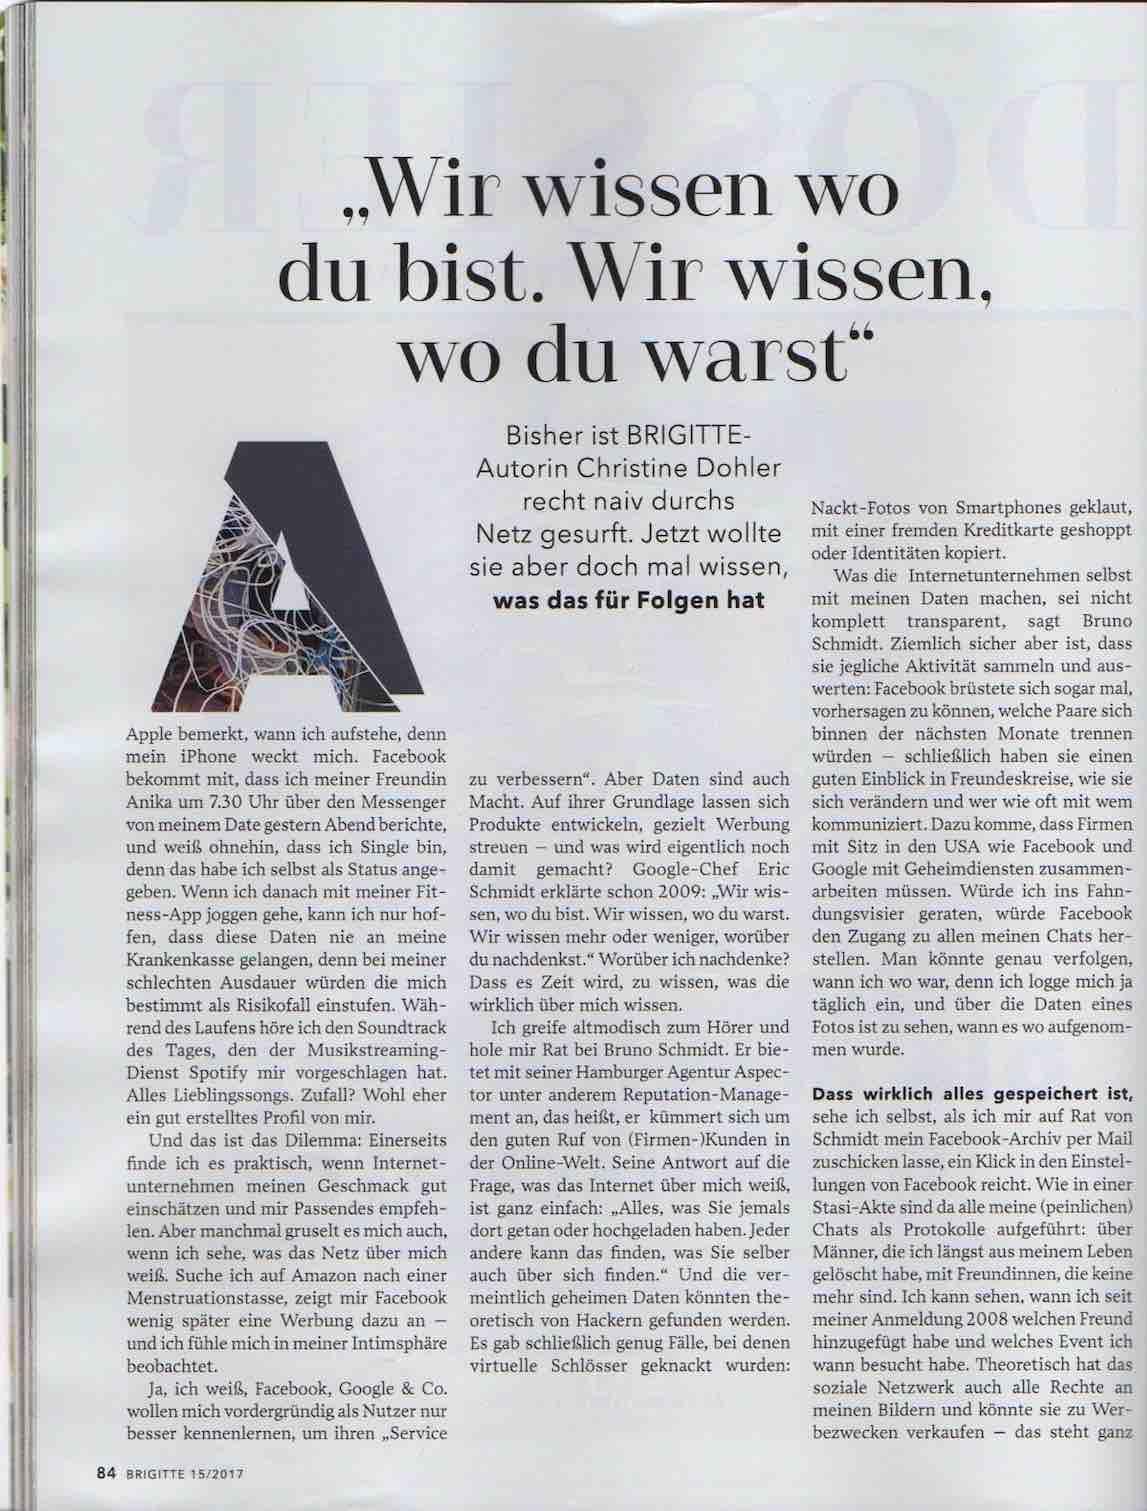 aspector hamburg bruno schmidt in der Zeitschrift Brigitte